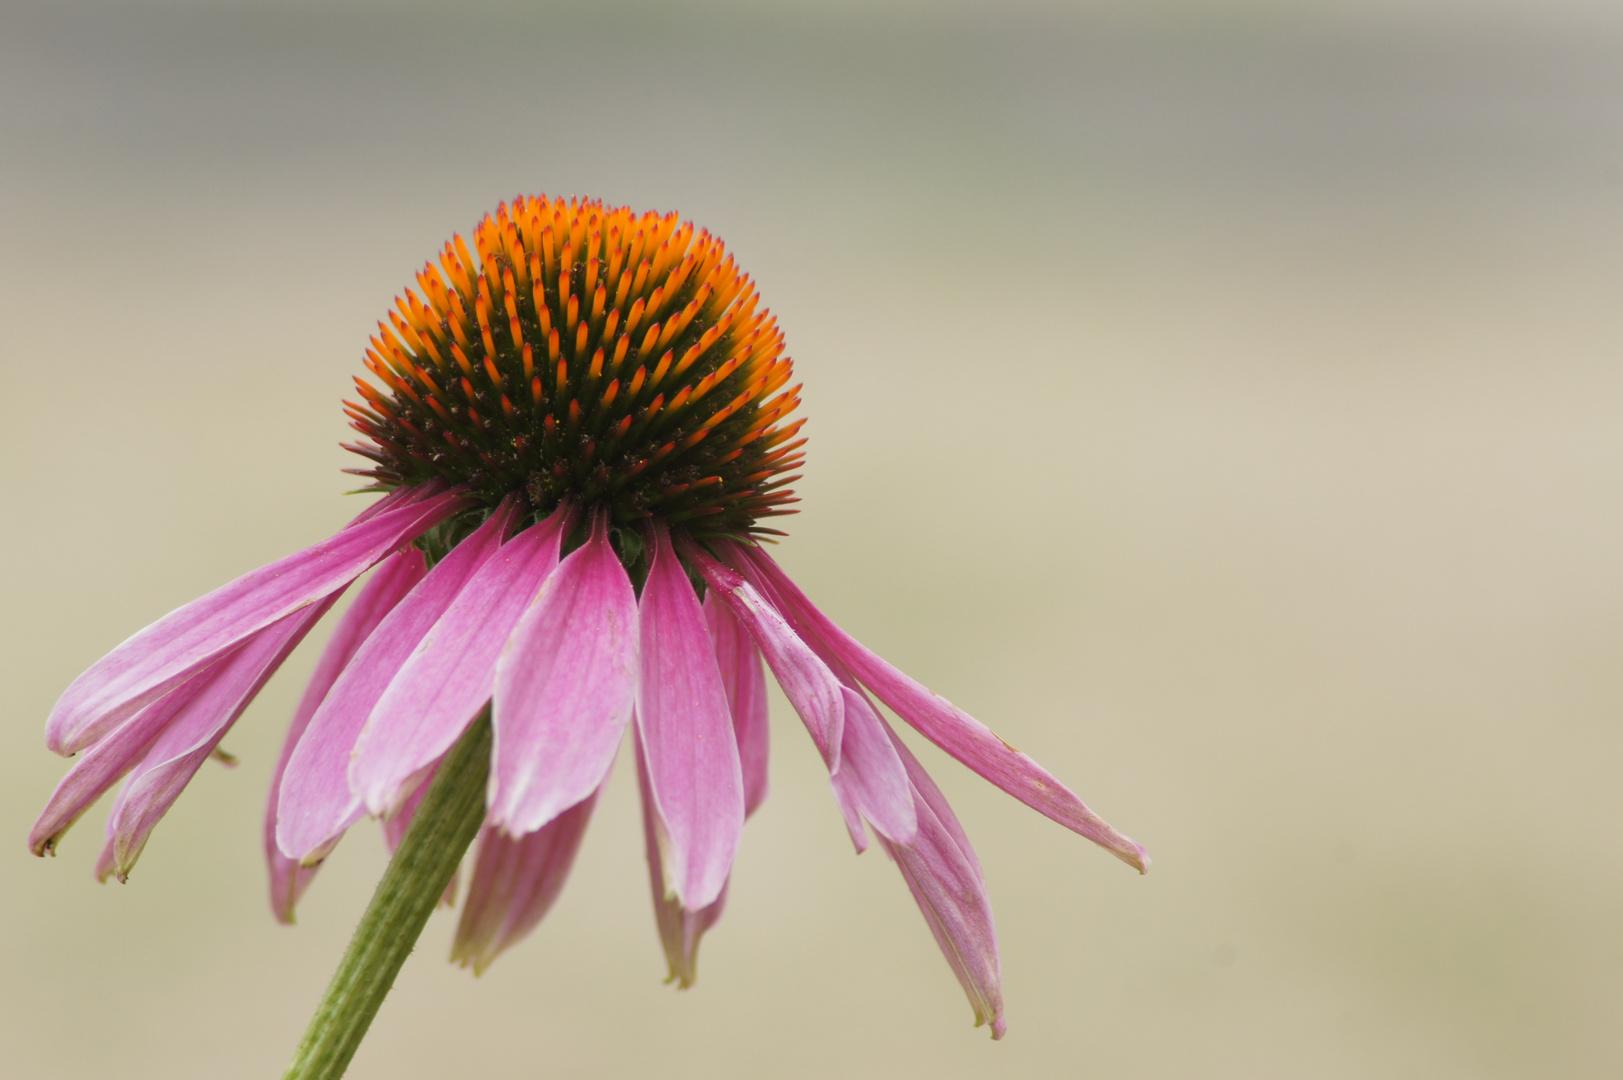 die Blume von Nebenan